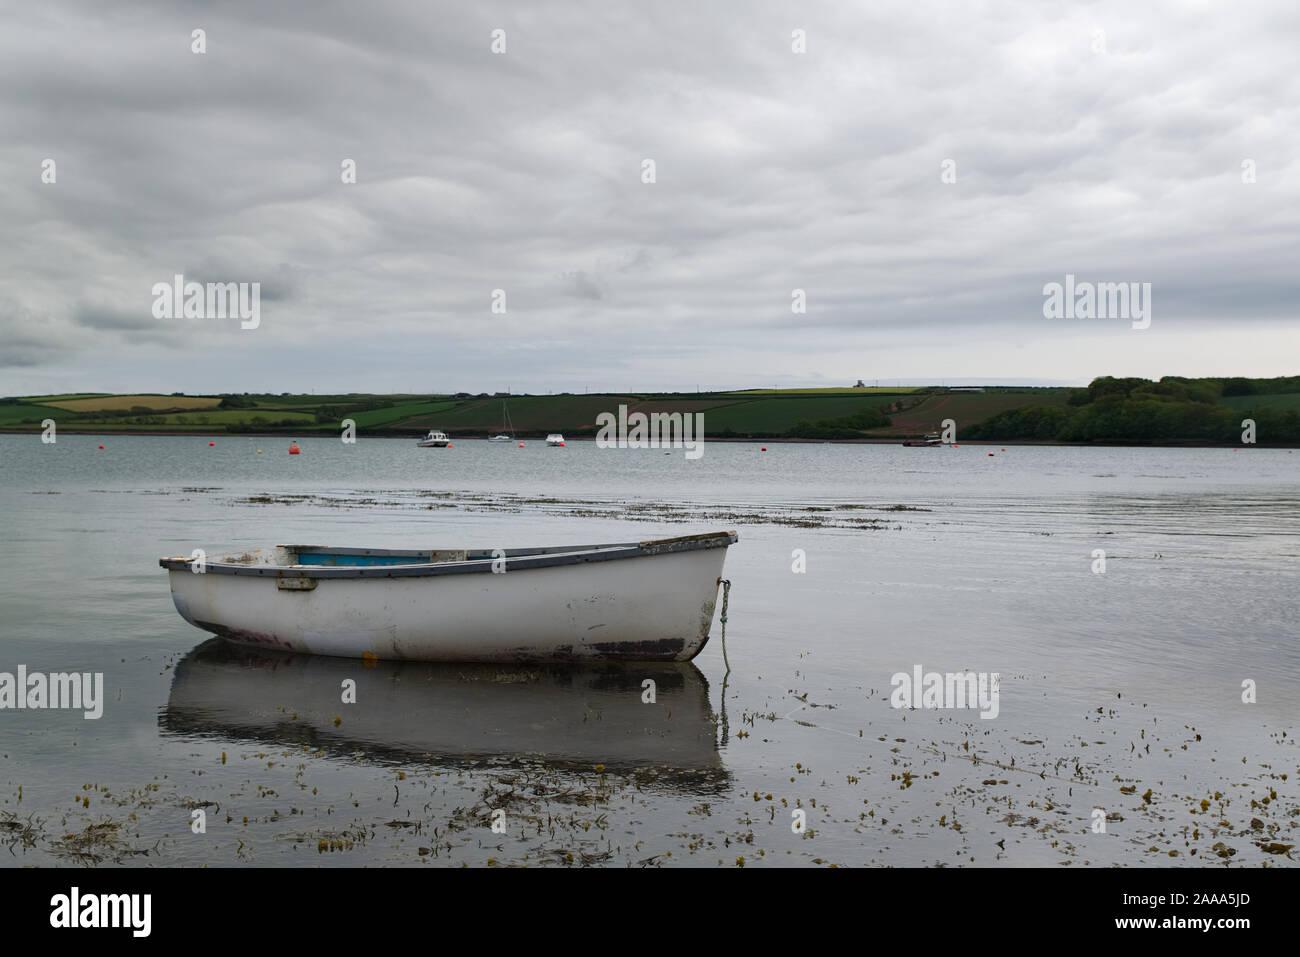 Weiß Ruderboot mit Reflexionen im Wasser mit Boote und Land unscharf im Hintergrund. Angeln Konzept Stockfoto